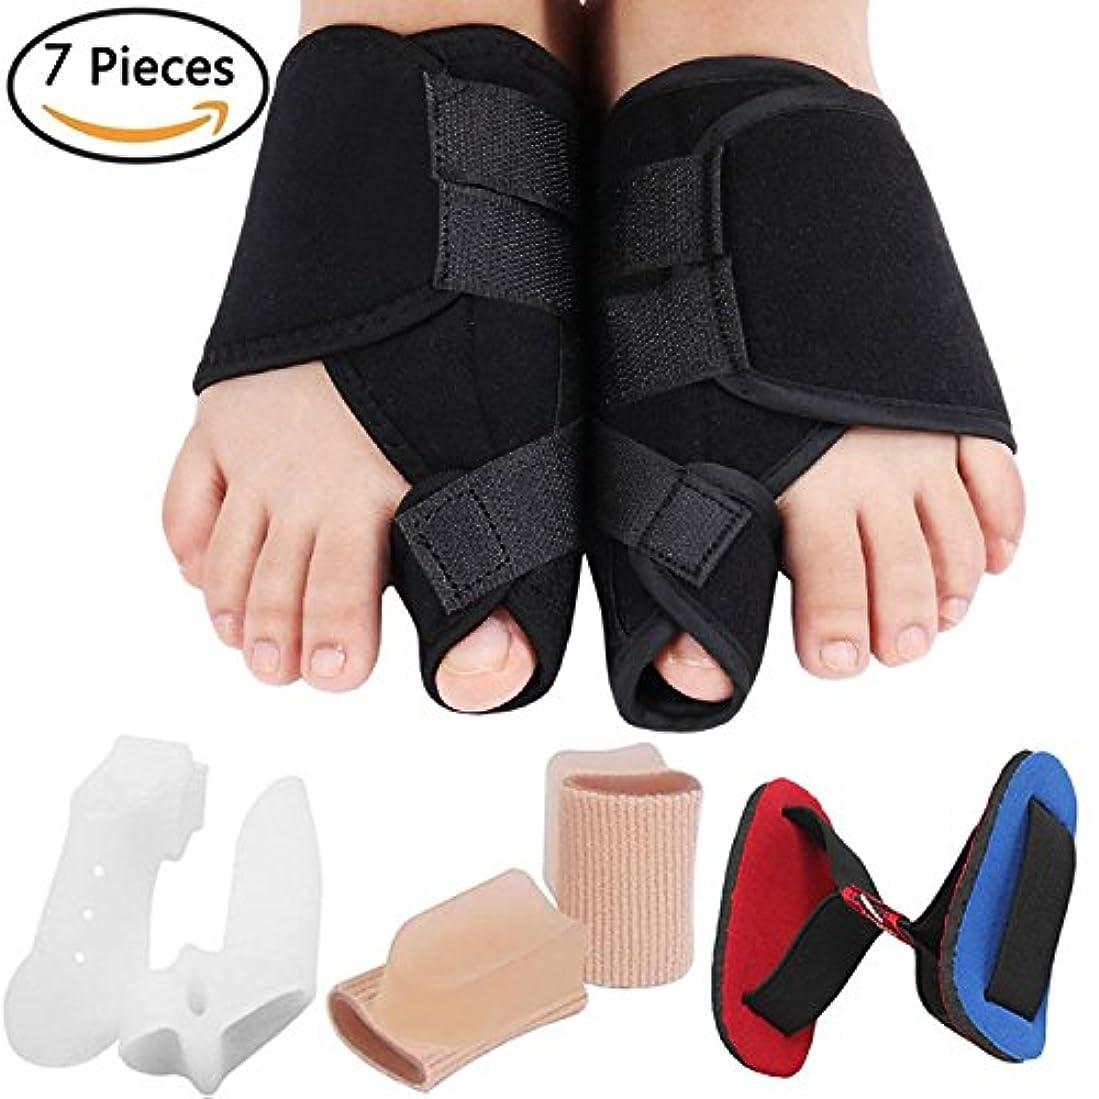 誘発する展示会なんとなくBunion Corrector Bunion Relief Kit, Bunion Splint Toe Straightener Corrector for Hallux Valgus, Big Toe Joint,...